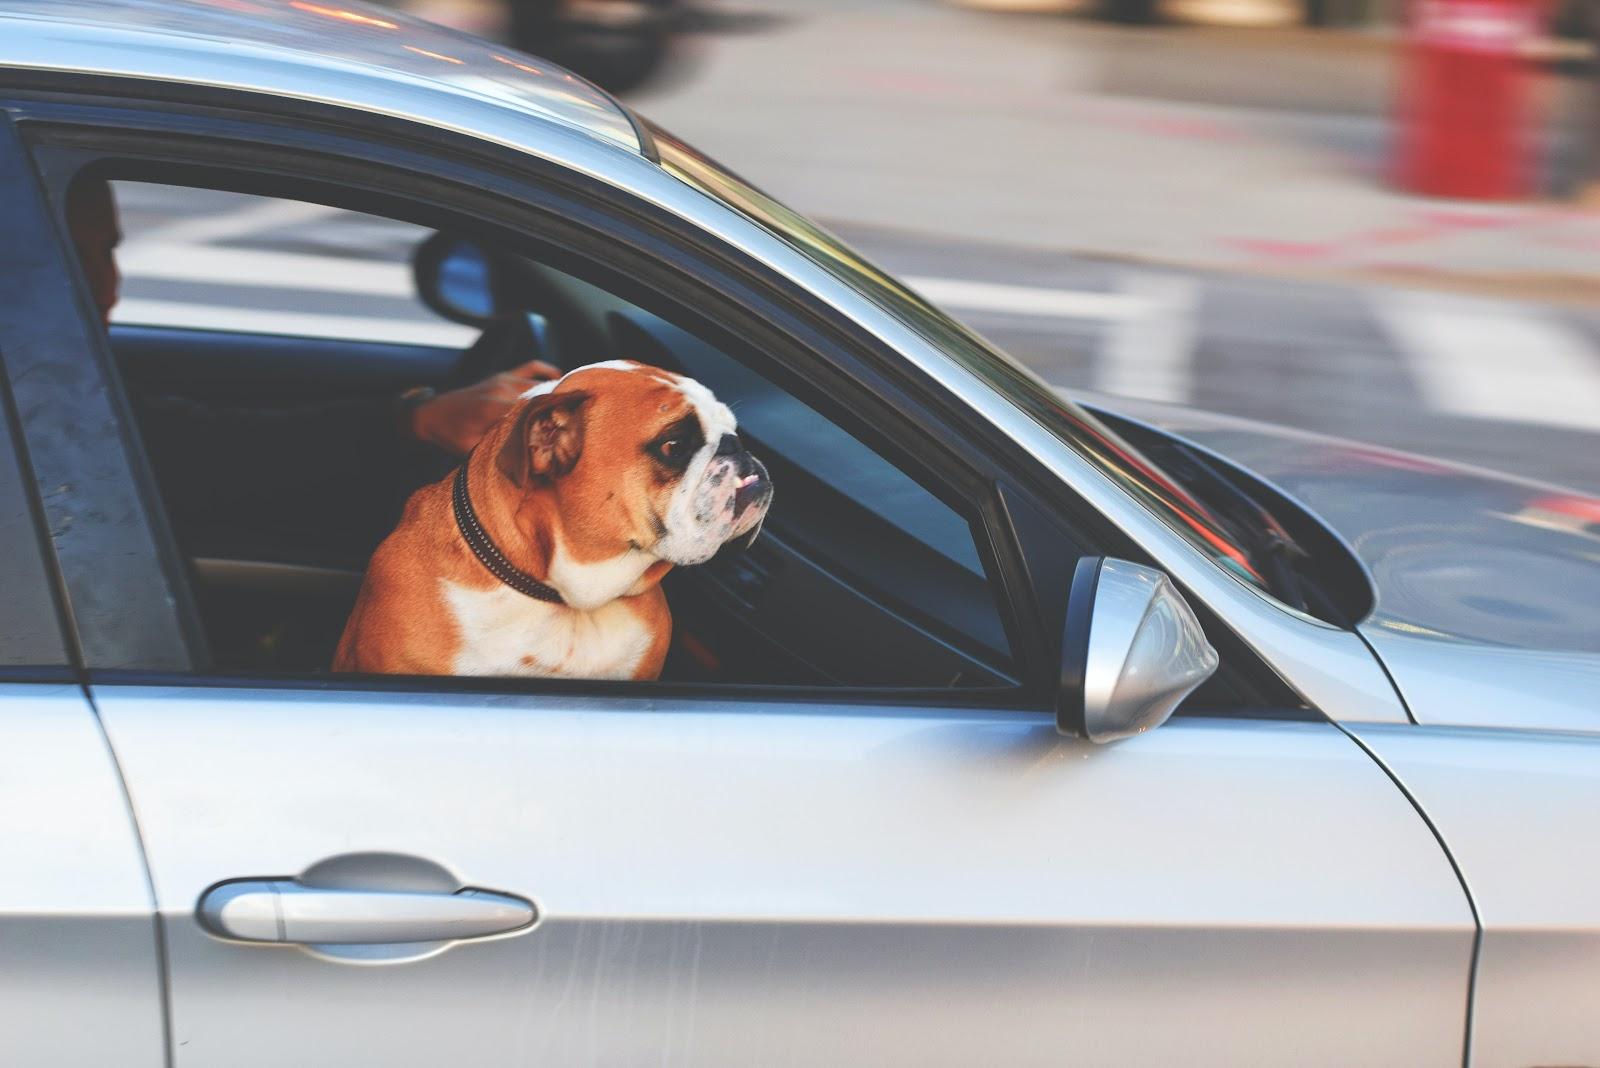 Um cachorro olhando a rua pela janela de um carro.